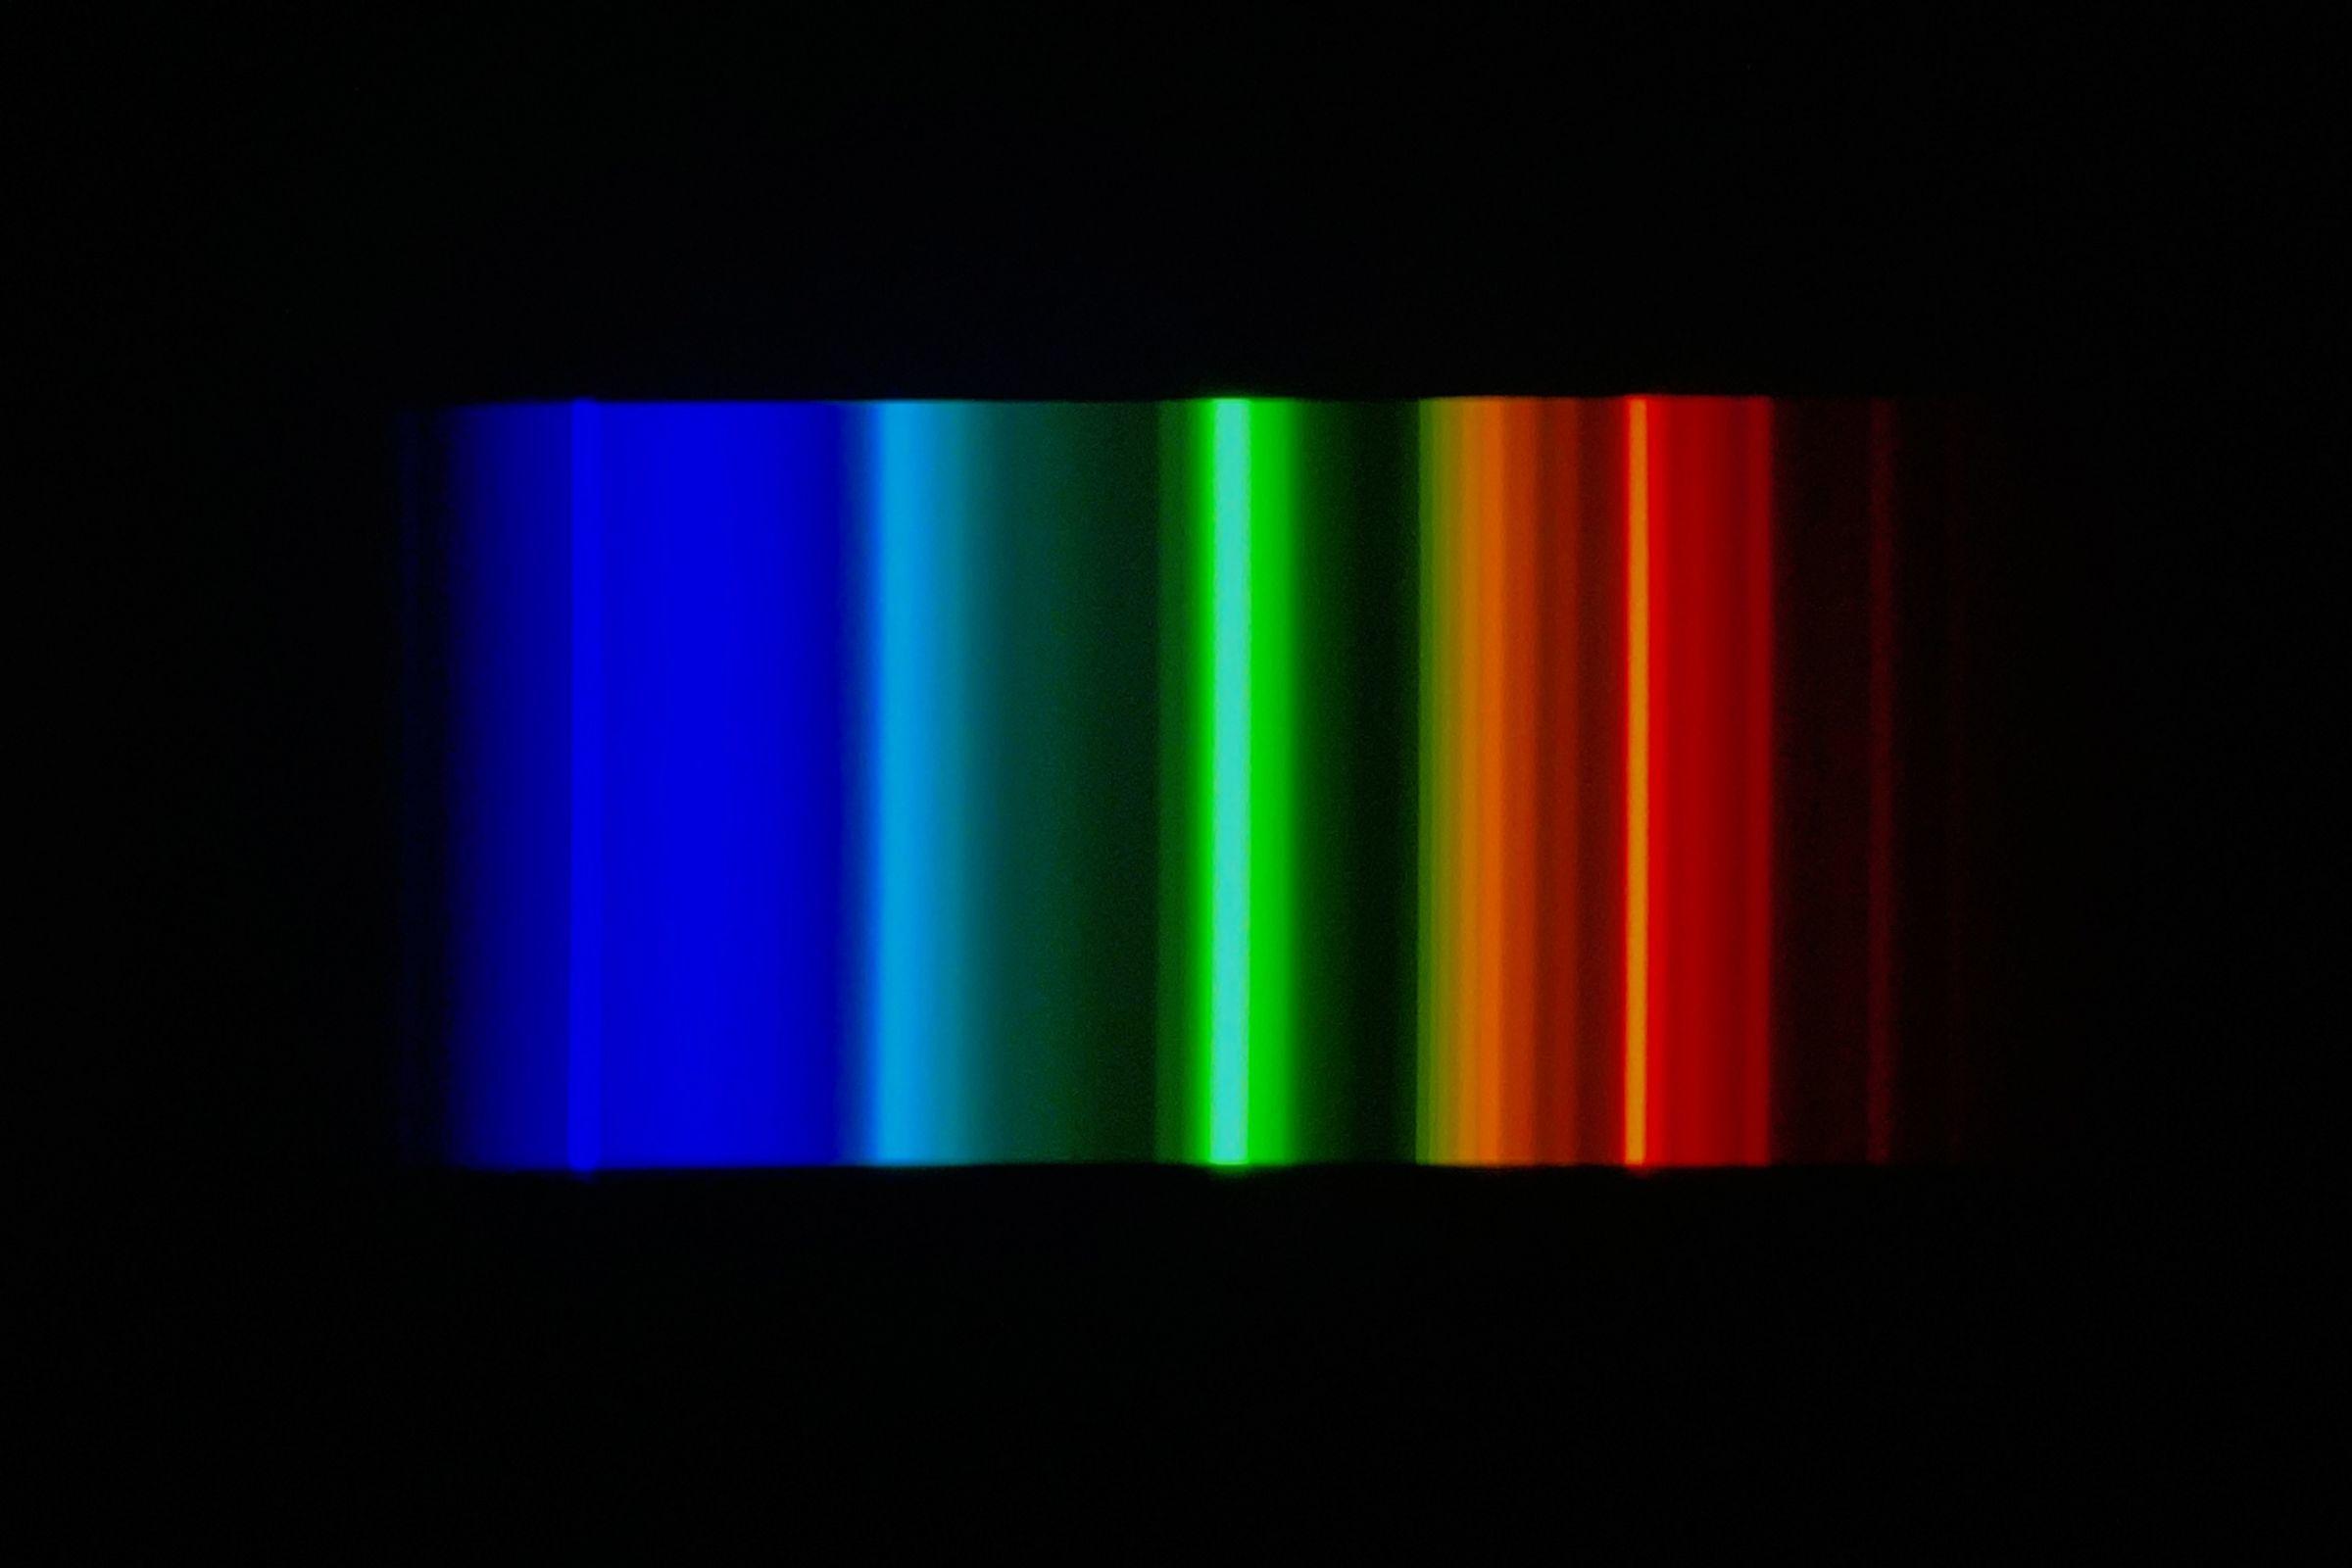 光源の分光観察。自宅の光害スペクトル_e0107605_16580492.jpg